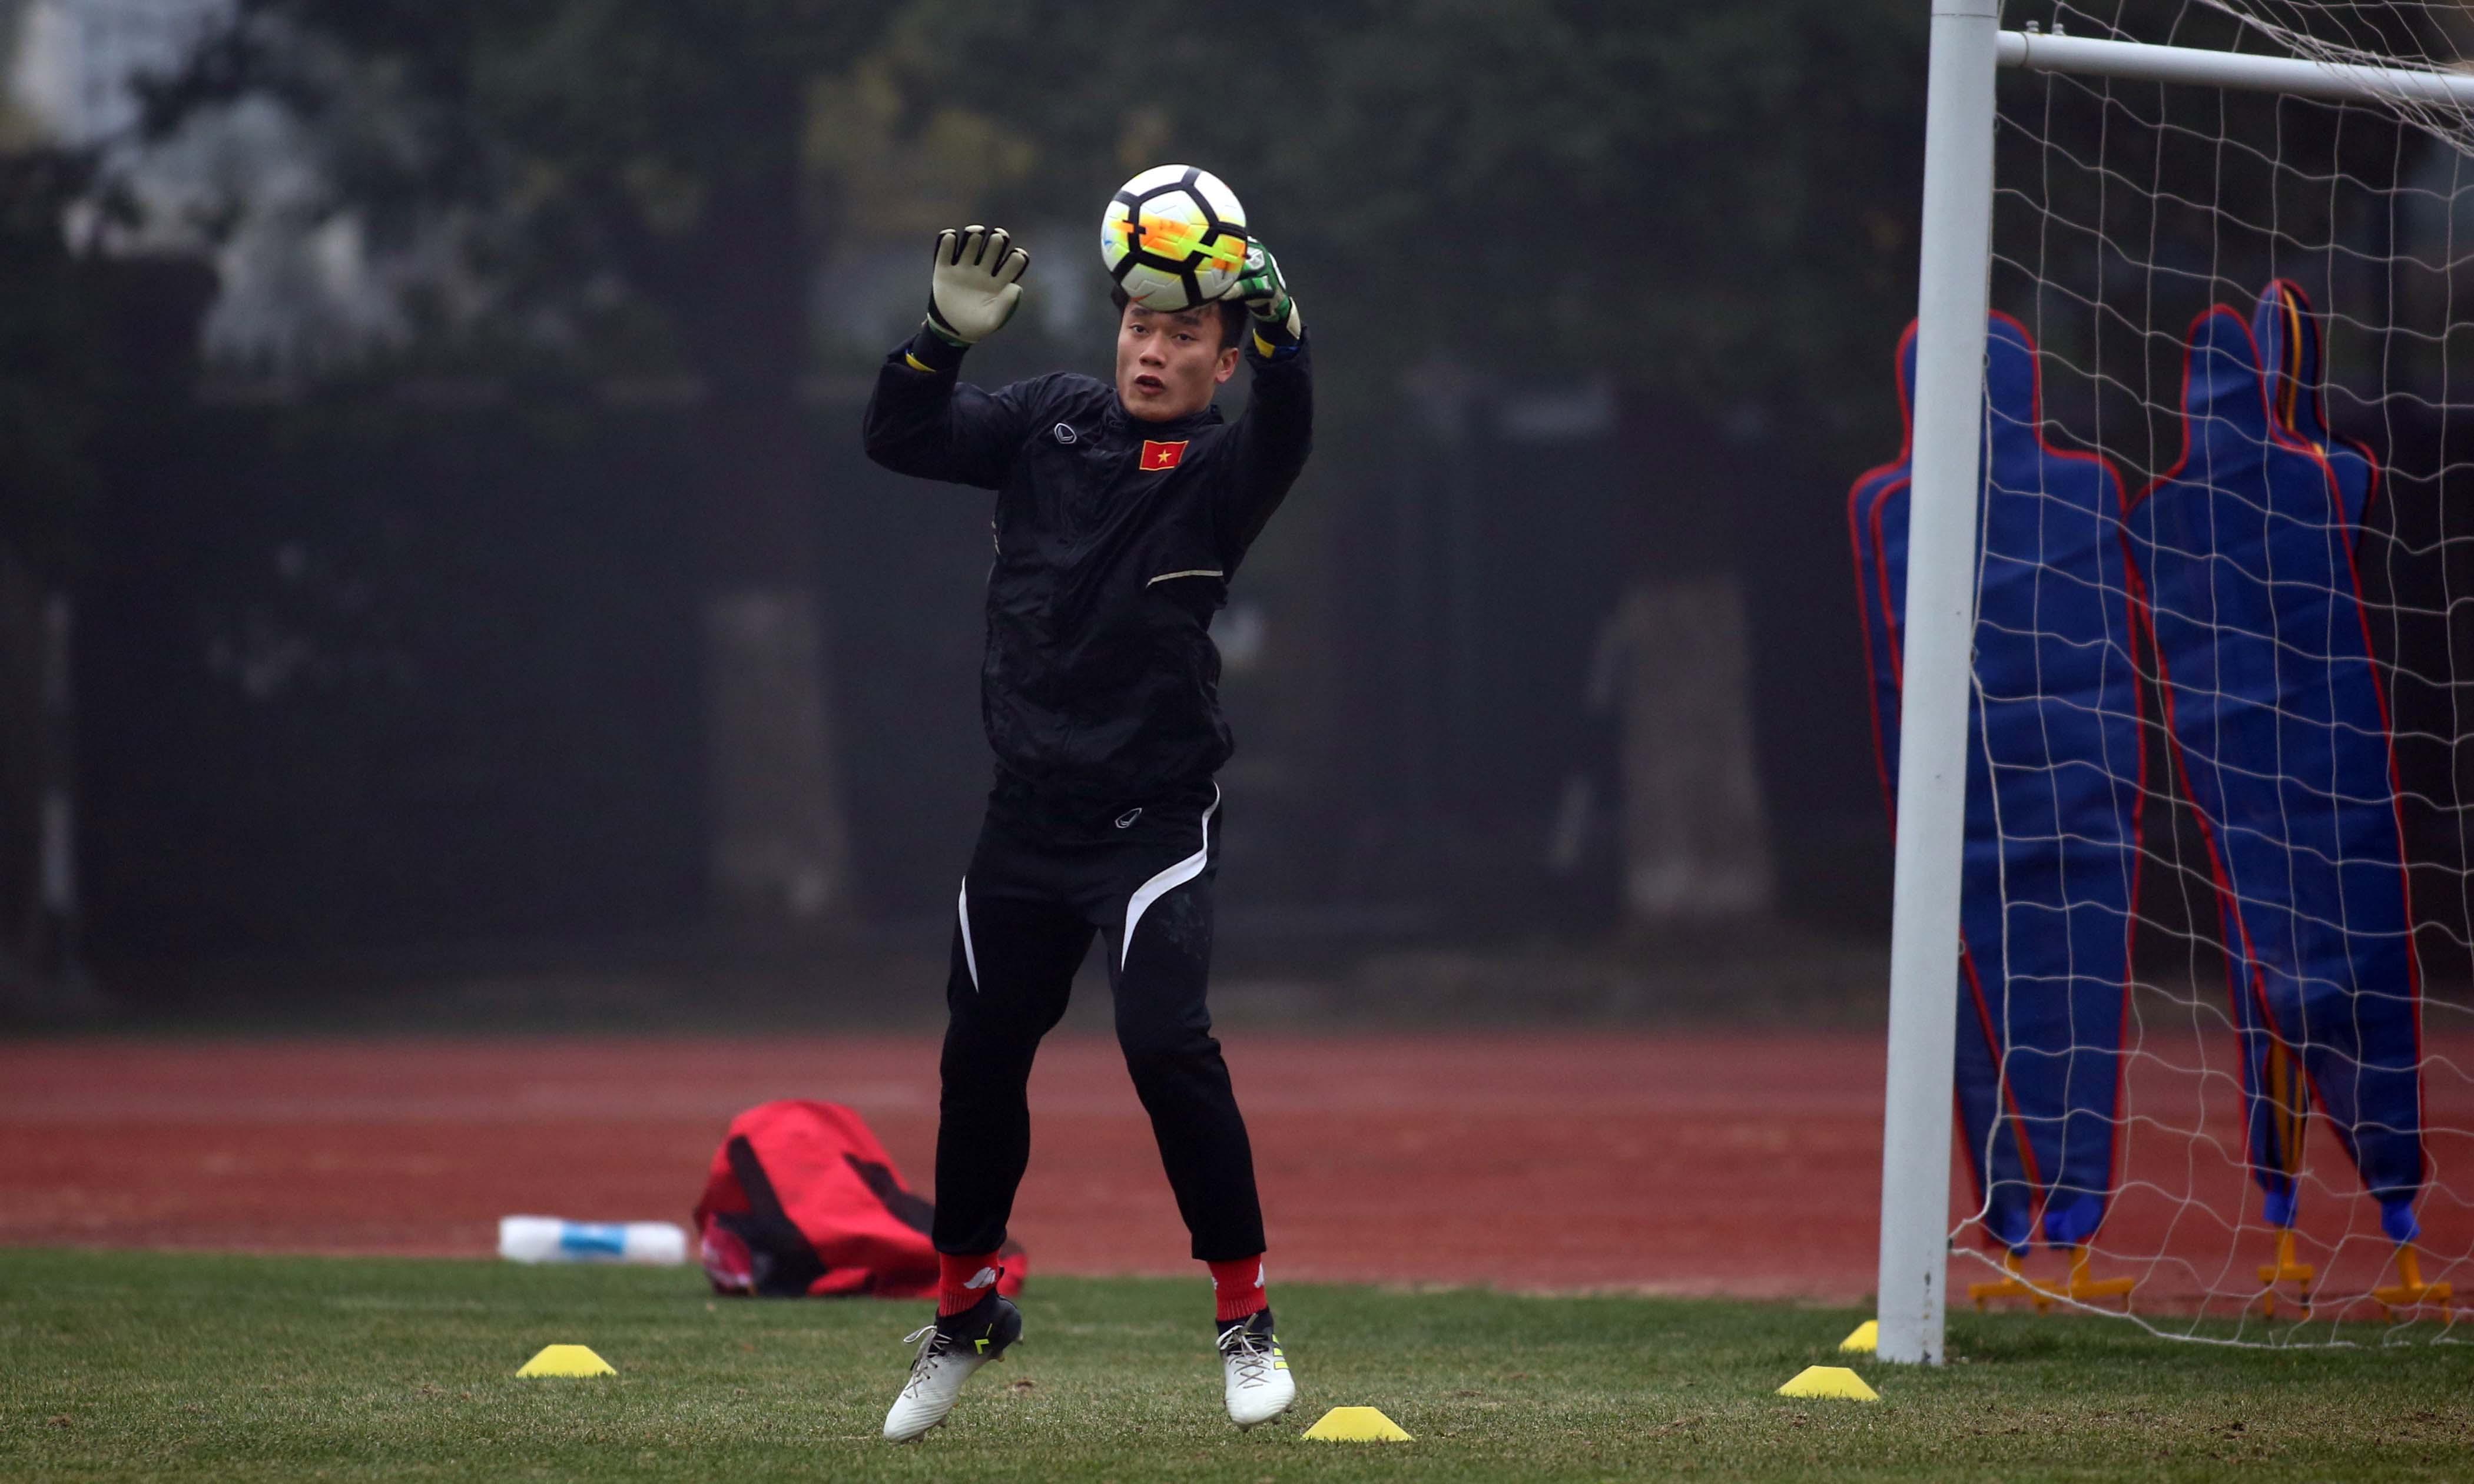 Thủ môn Bùi Tiến Dũng tập luyện tại VCK Giải U-23 châu Á 2018. Ảnh: N.K